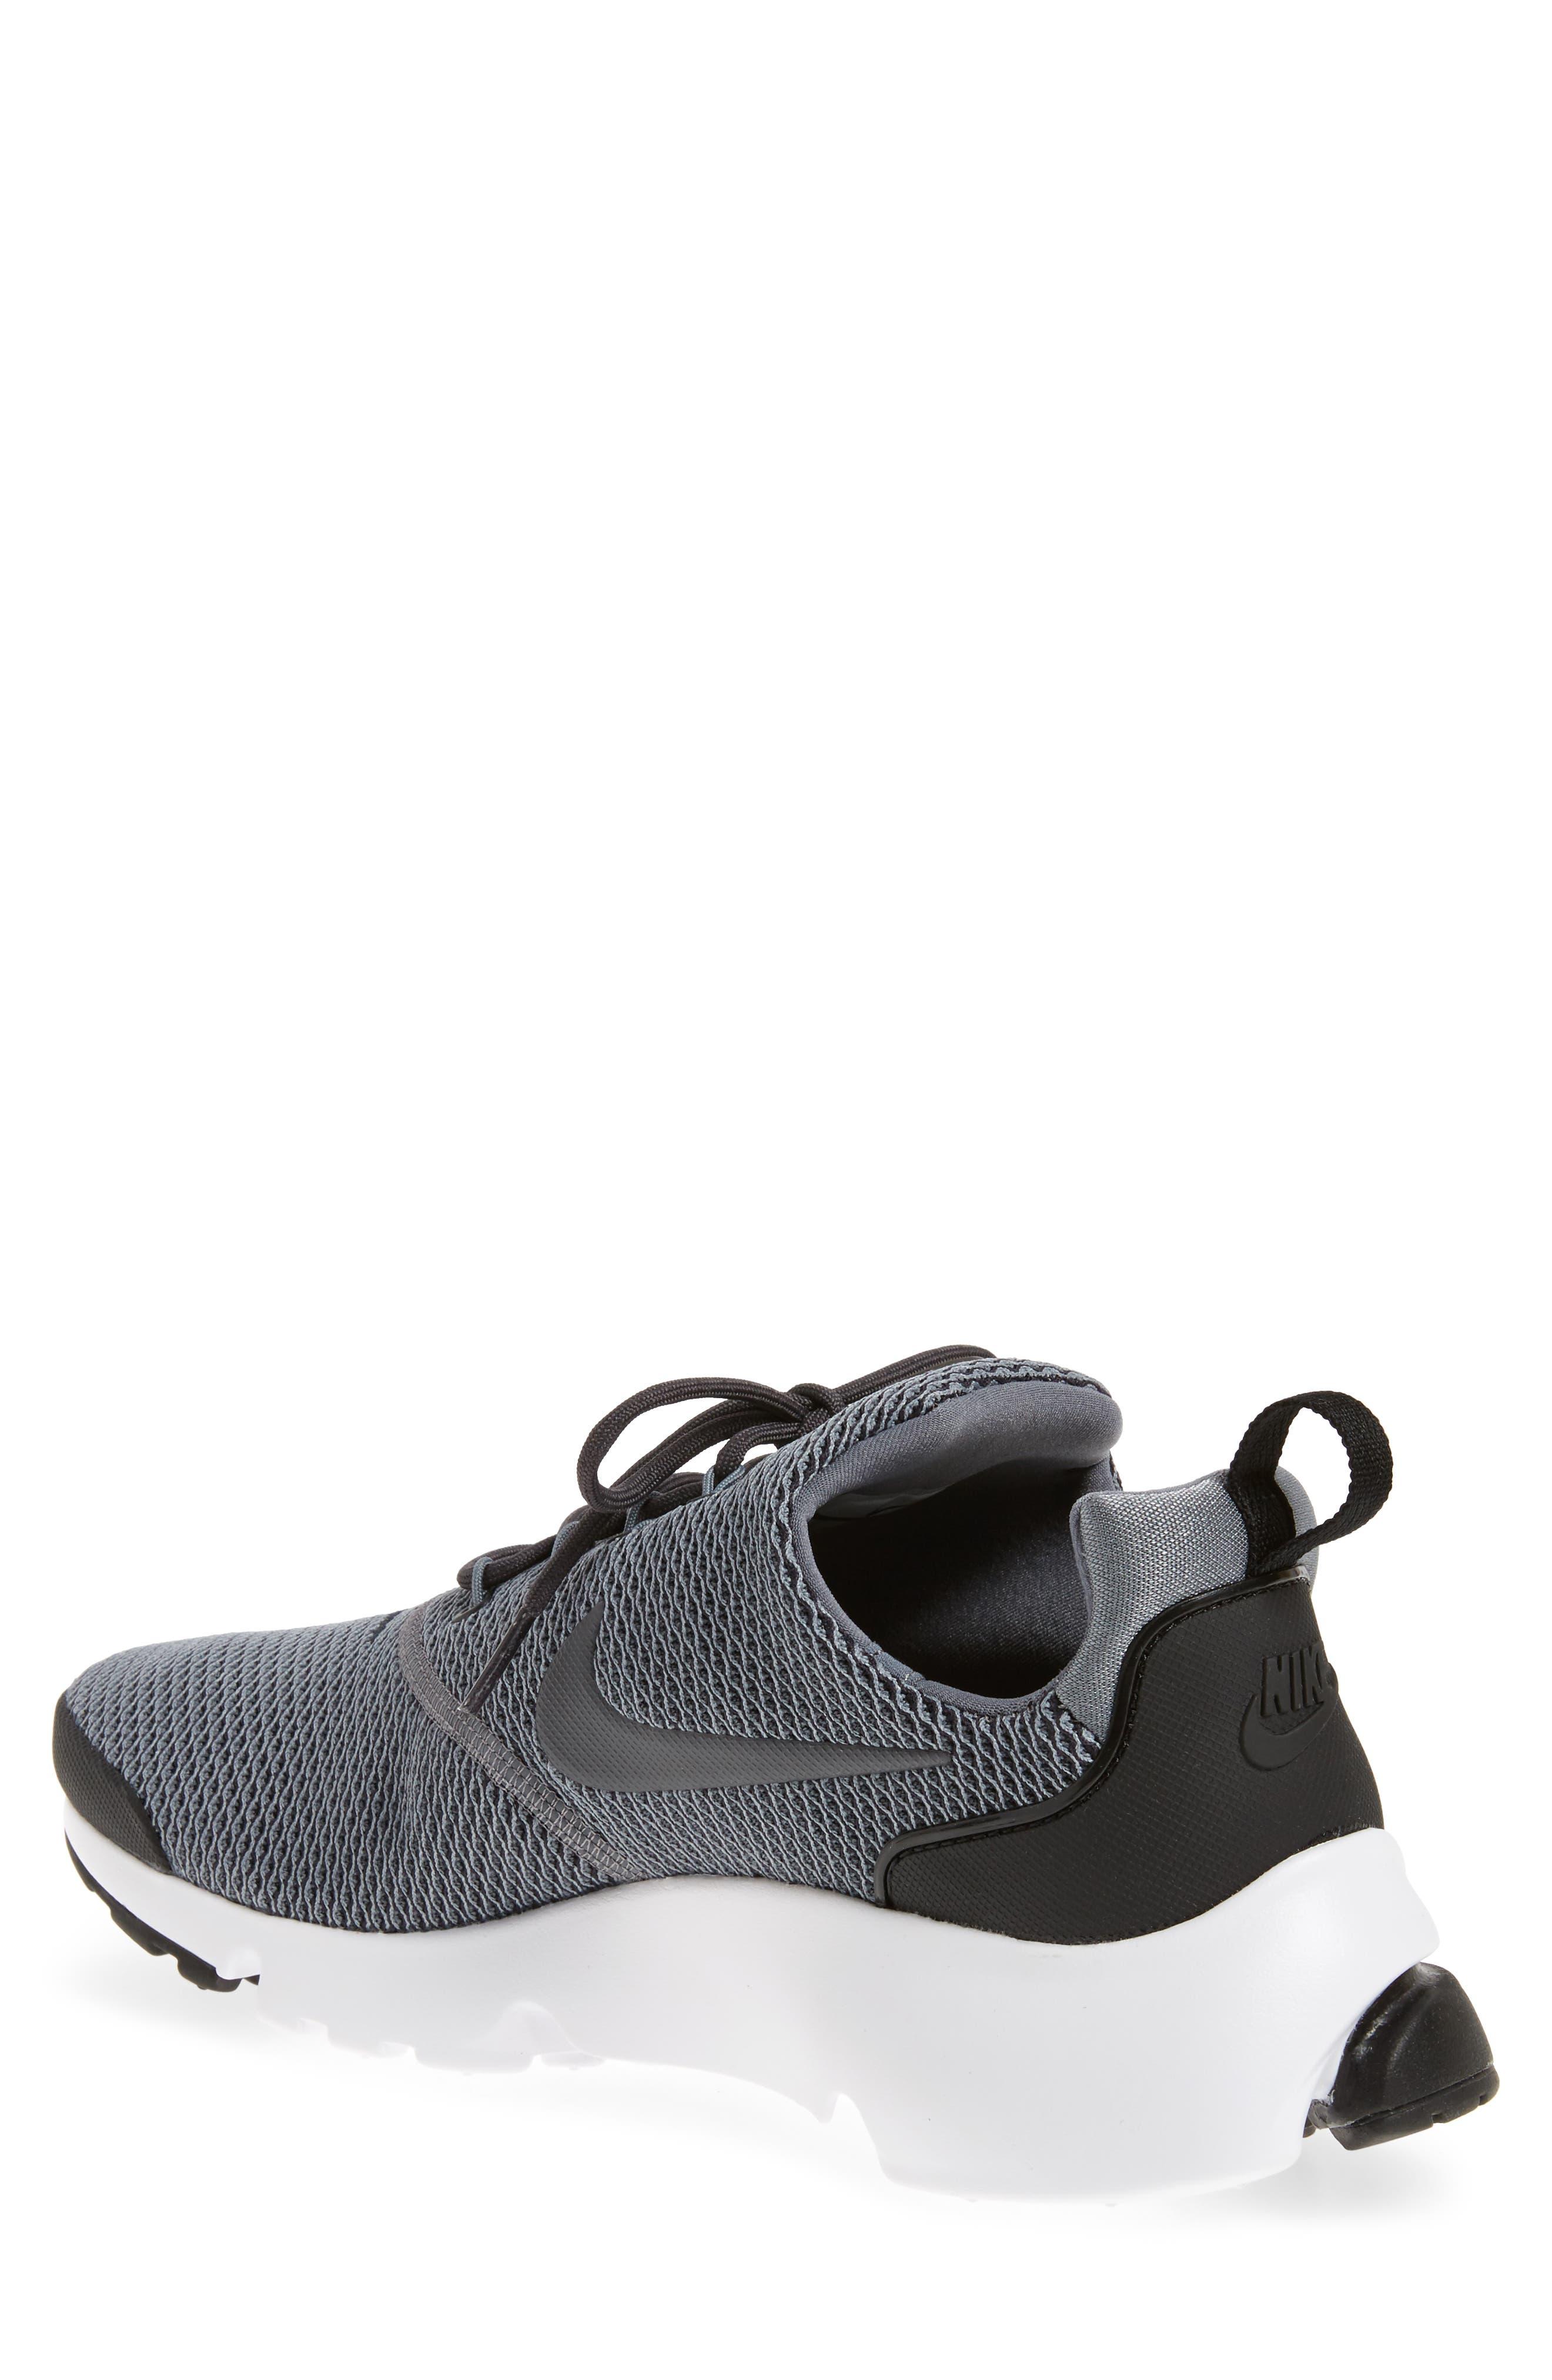 Presto Fly SE Sneaker,                             Alternate thumbnail 5, color,